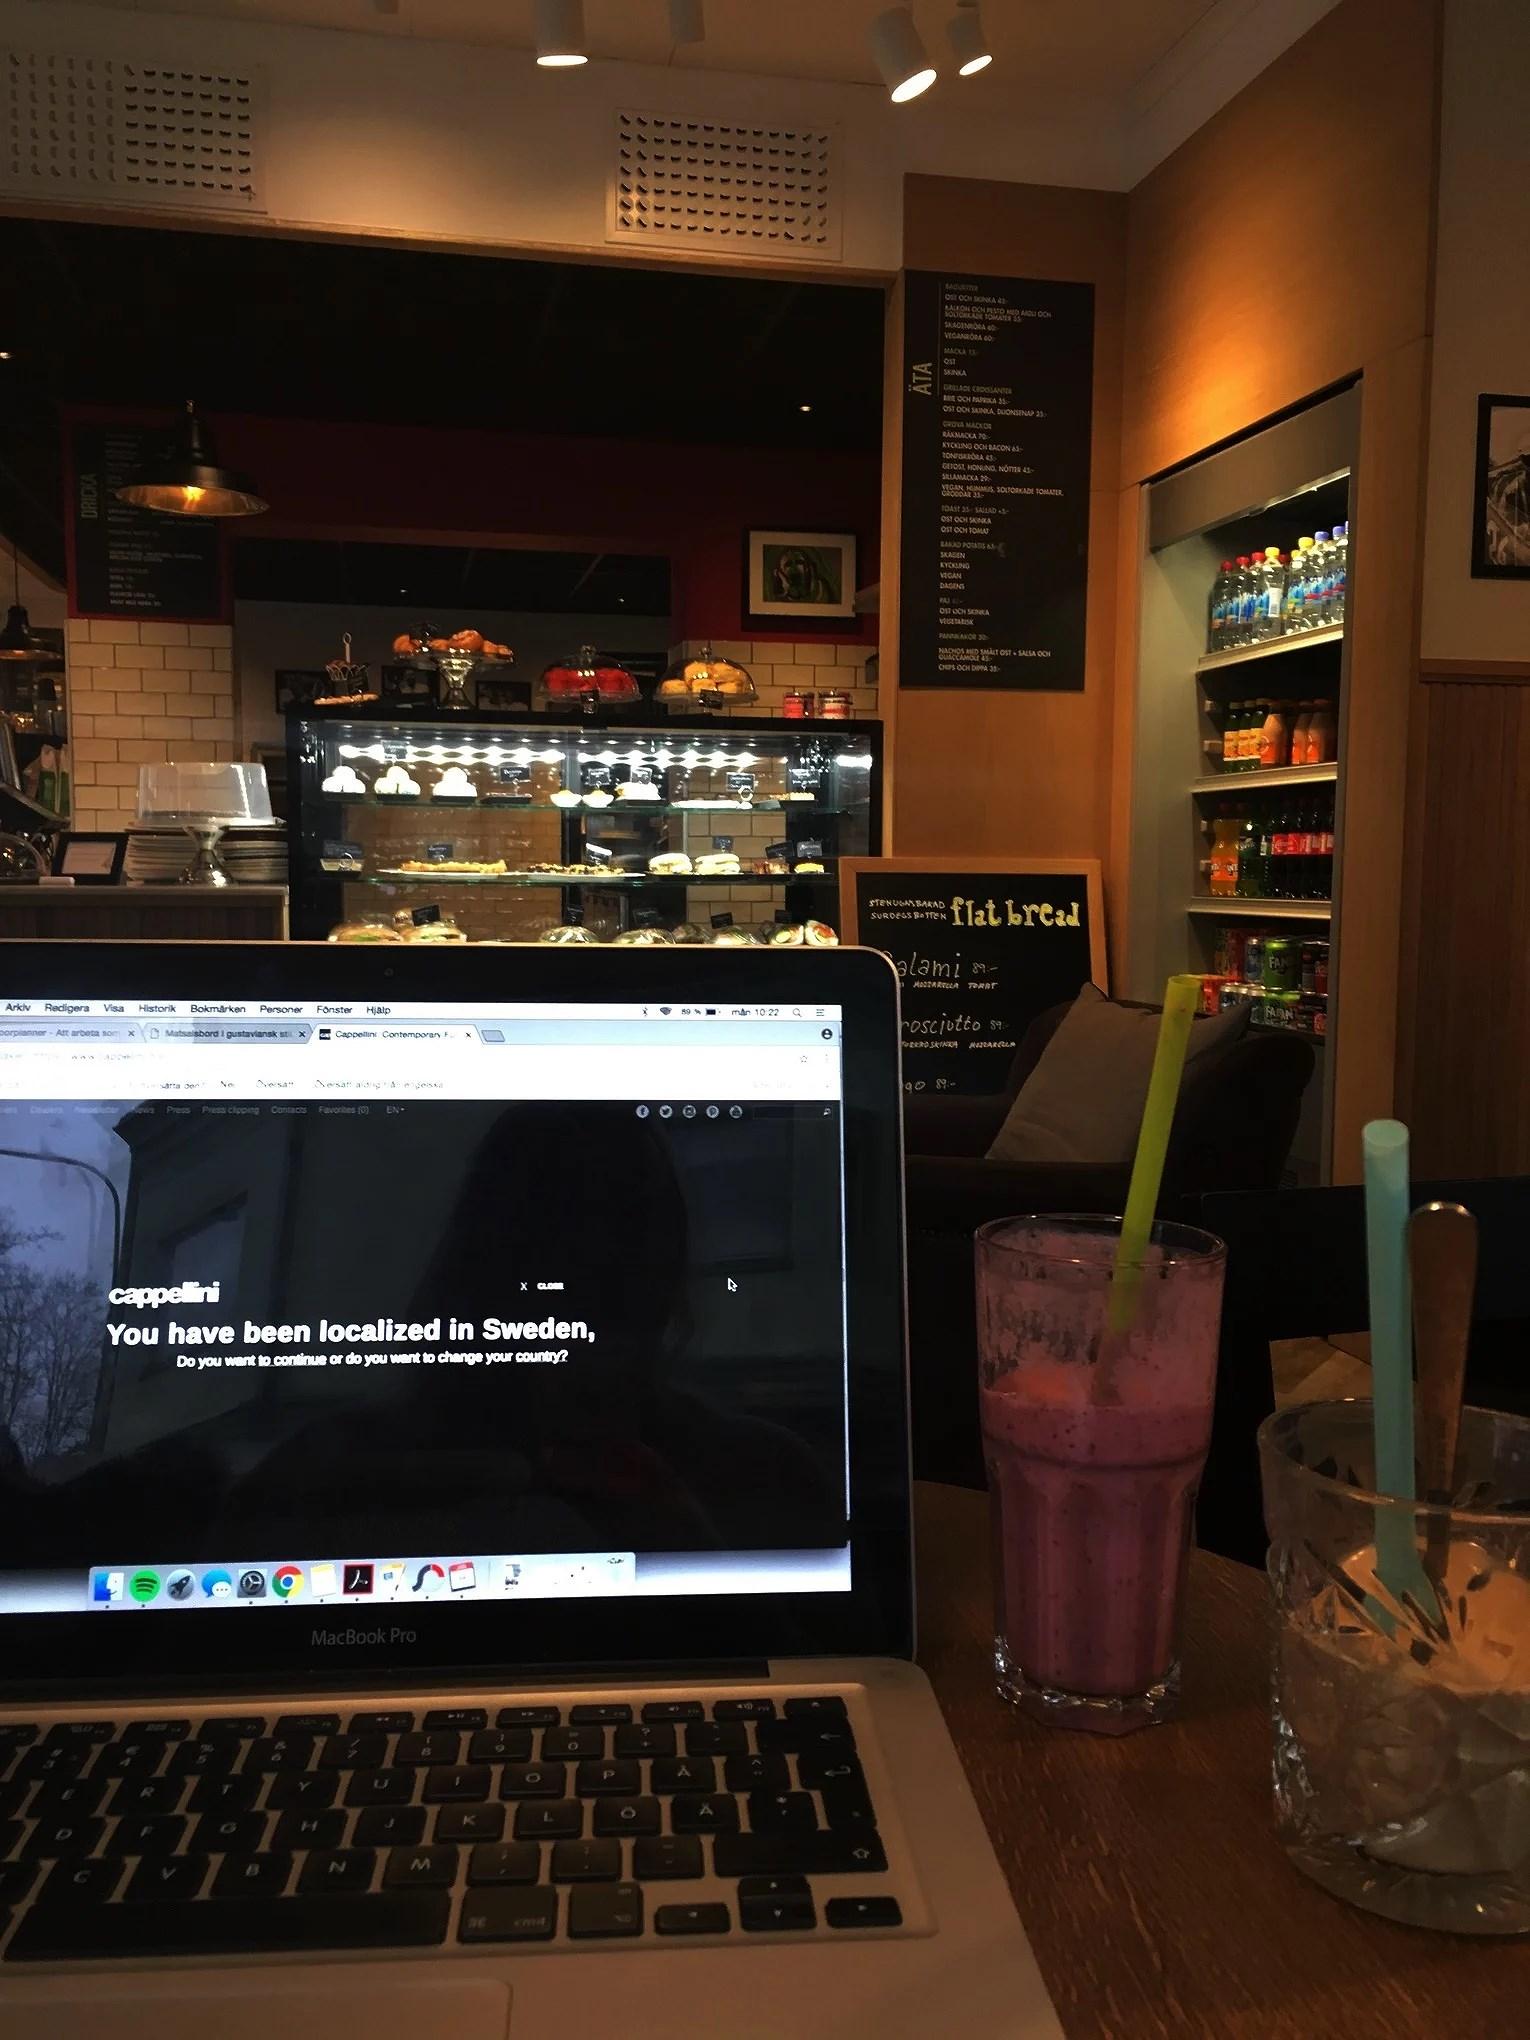 Kaffedejt & plugg